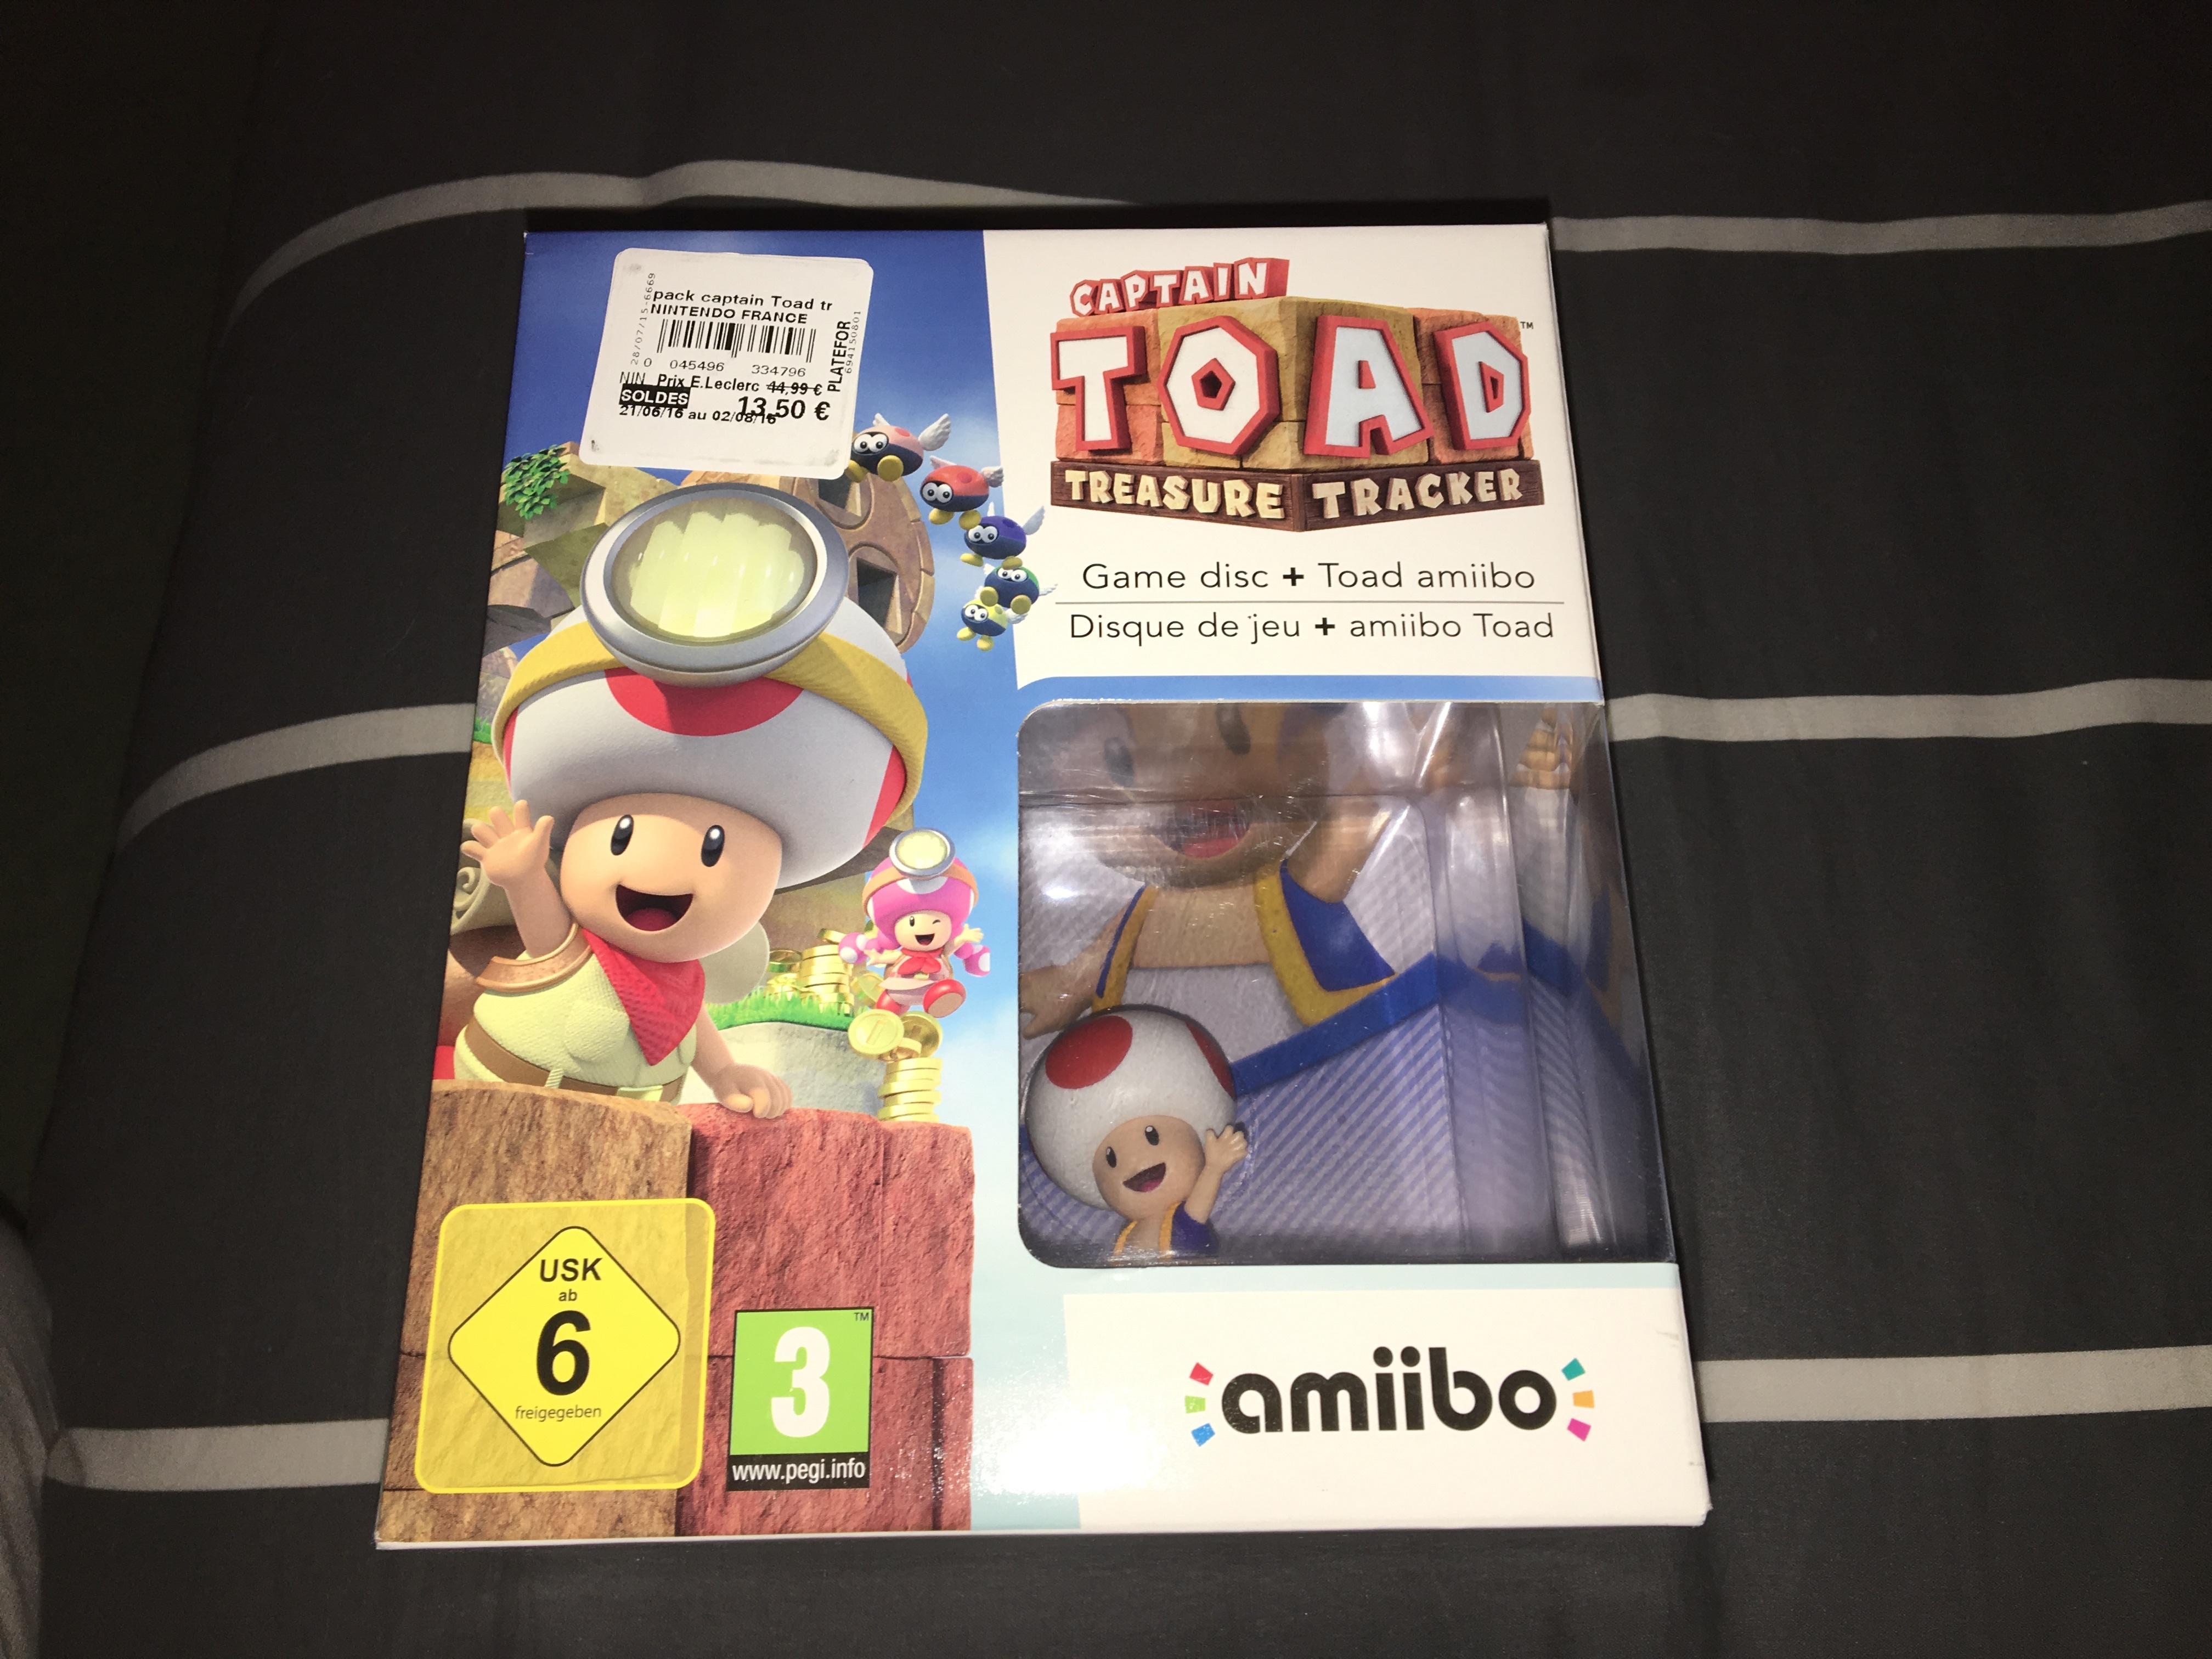 Sélection de jeux-vidéo en promotion - Ex : Captain Toad Treasure Tracker + Amiibo sur Wii U